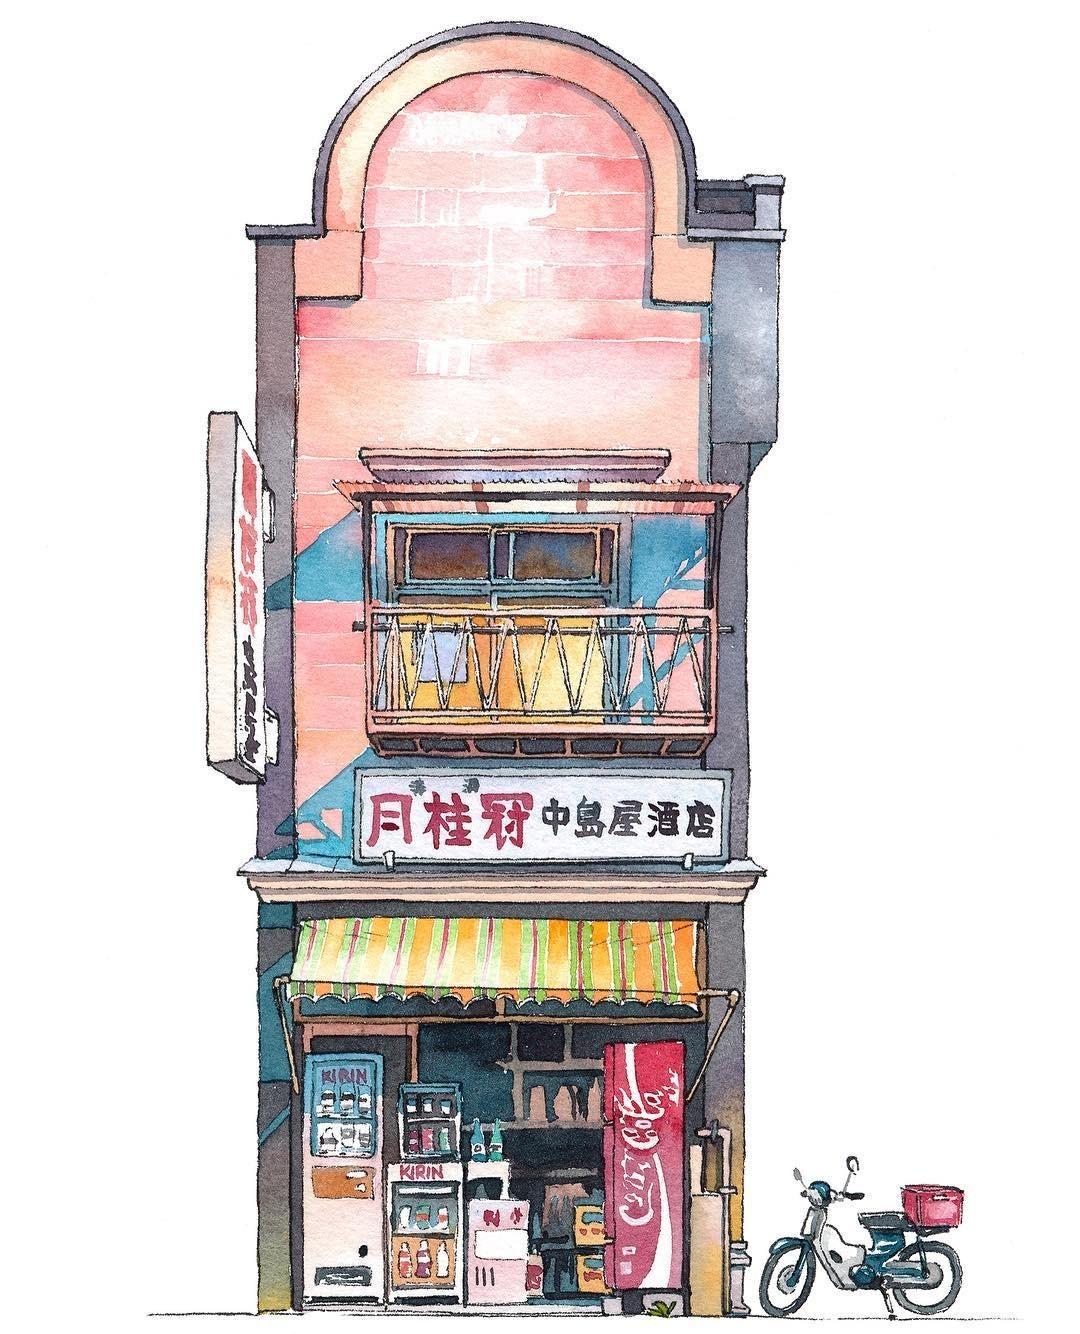 日本是什么样的?在不同风格的画笔下有着不同的样子